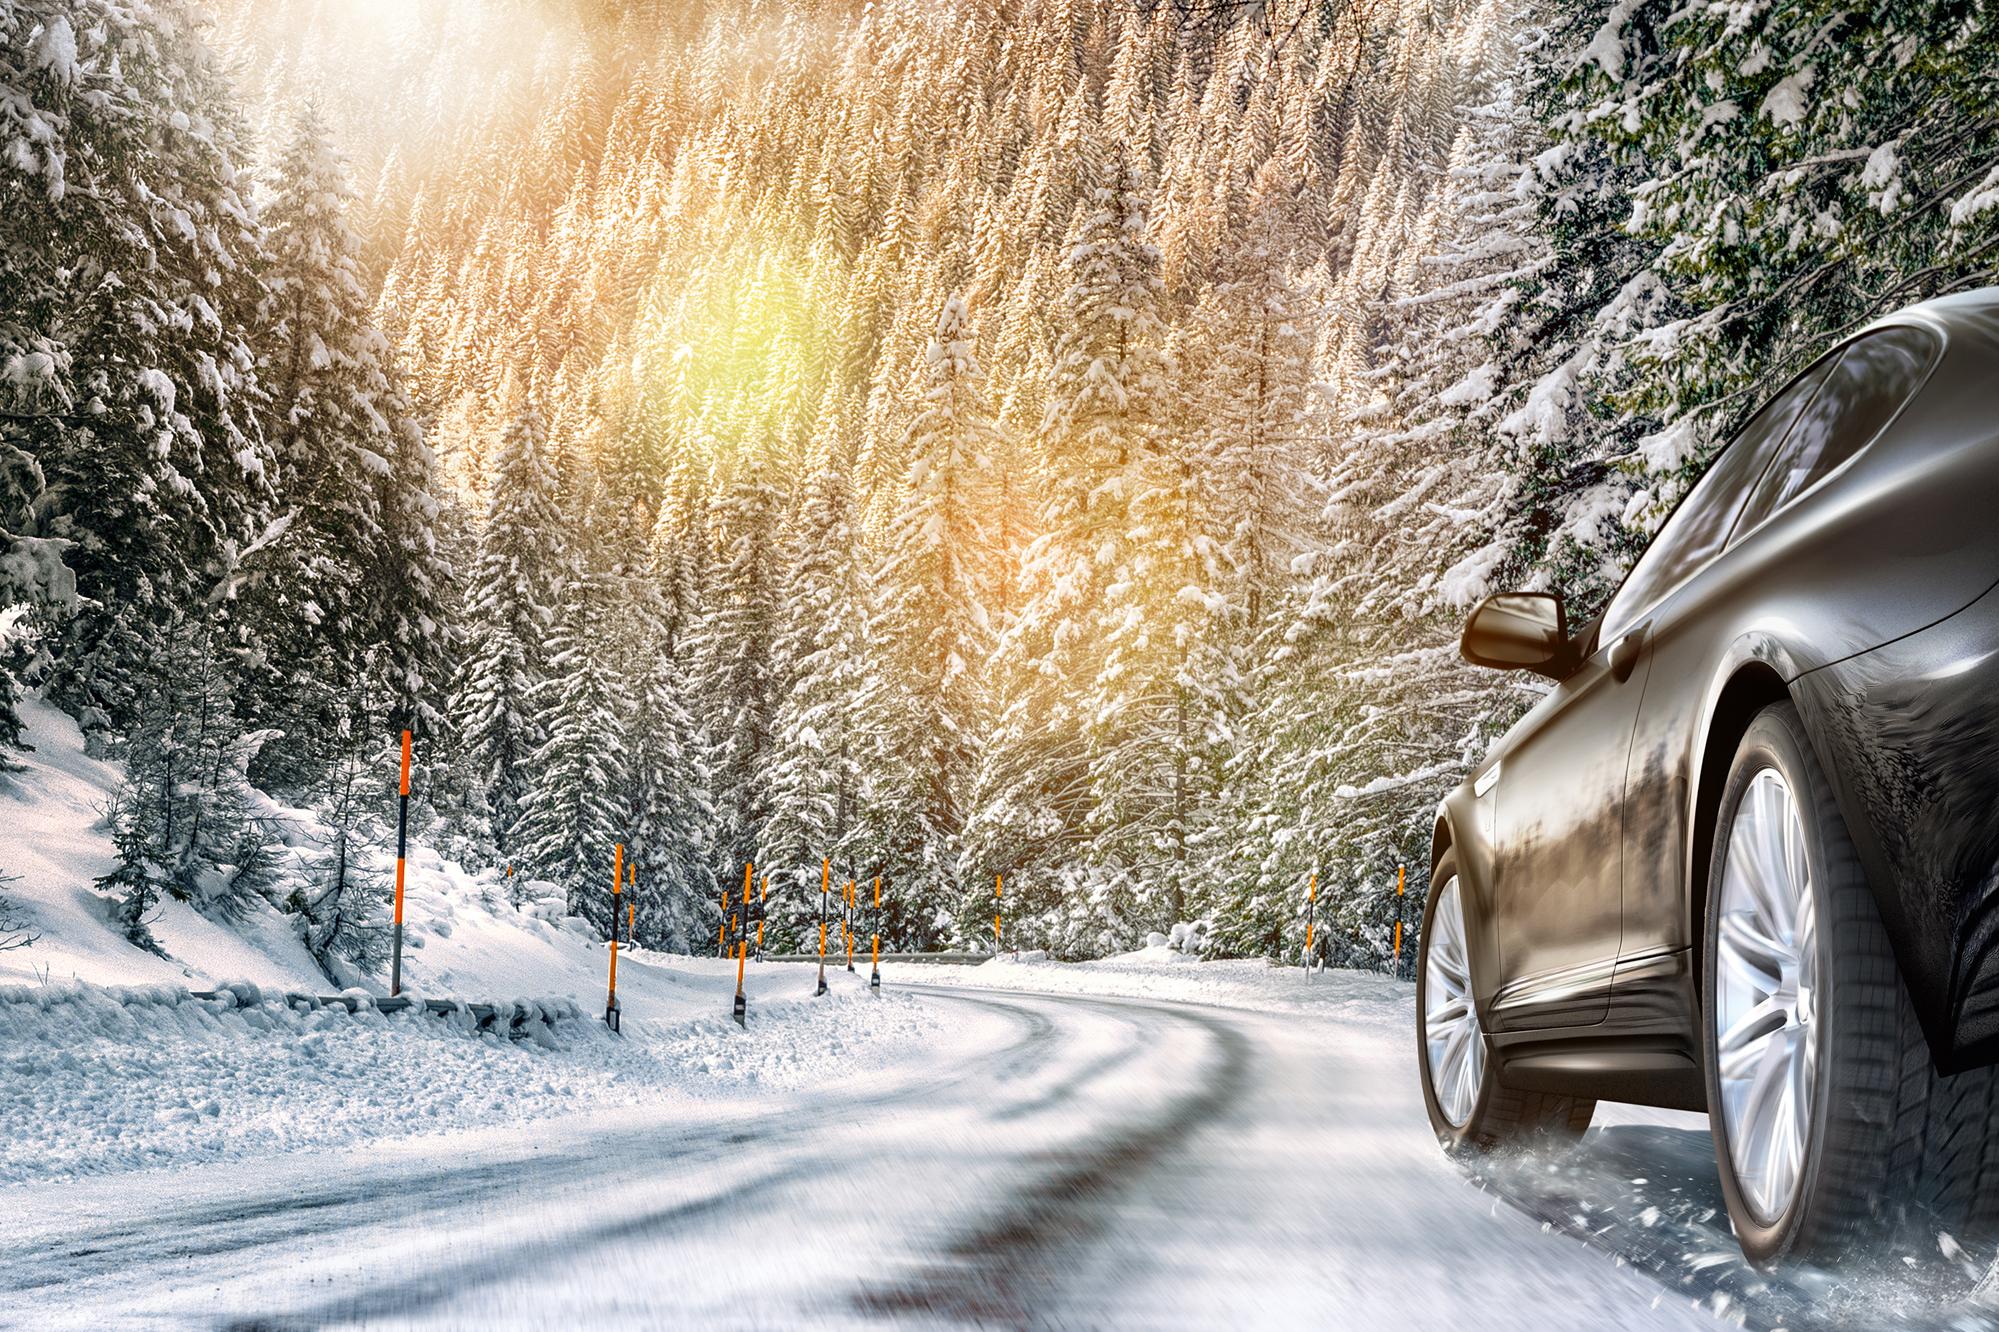 Auto im Winterlandschaft mit Continental Reifen